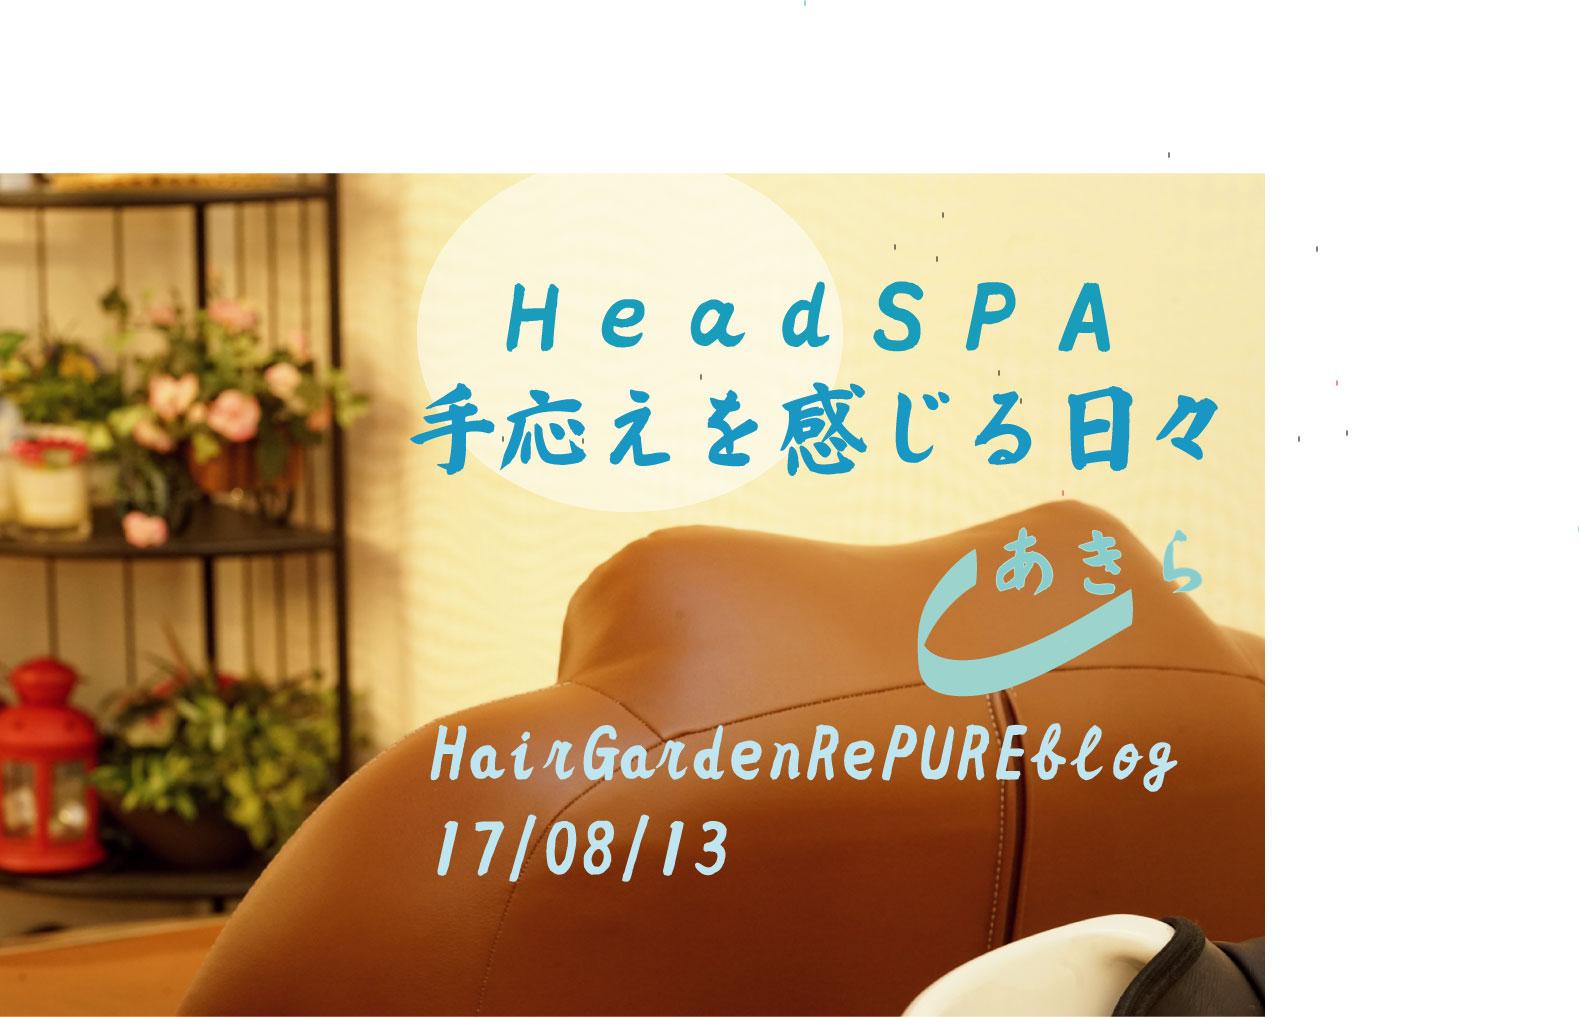 宇宙のエネルギーを感じるHeadSPA【僕がね!編】